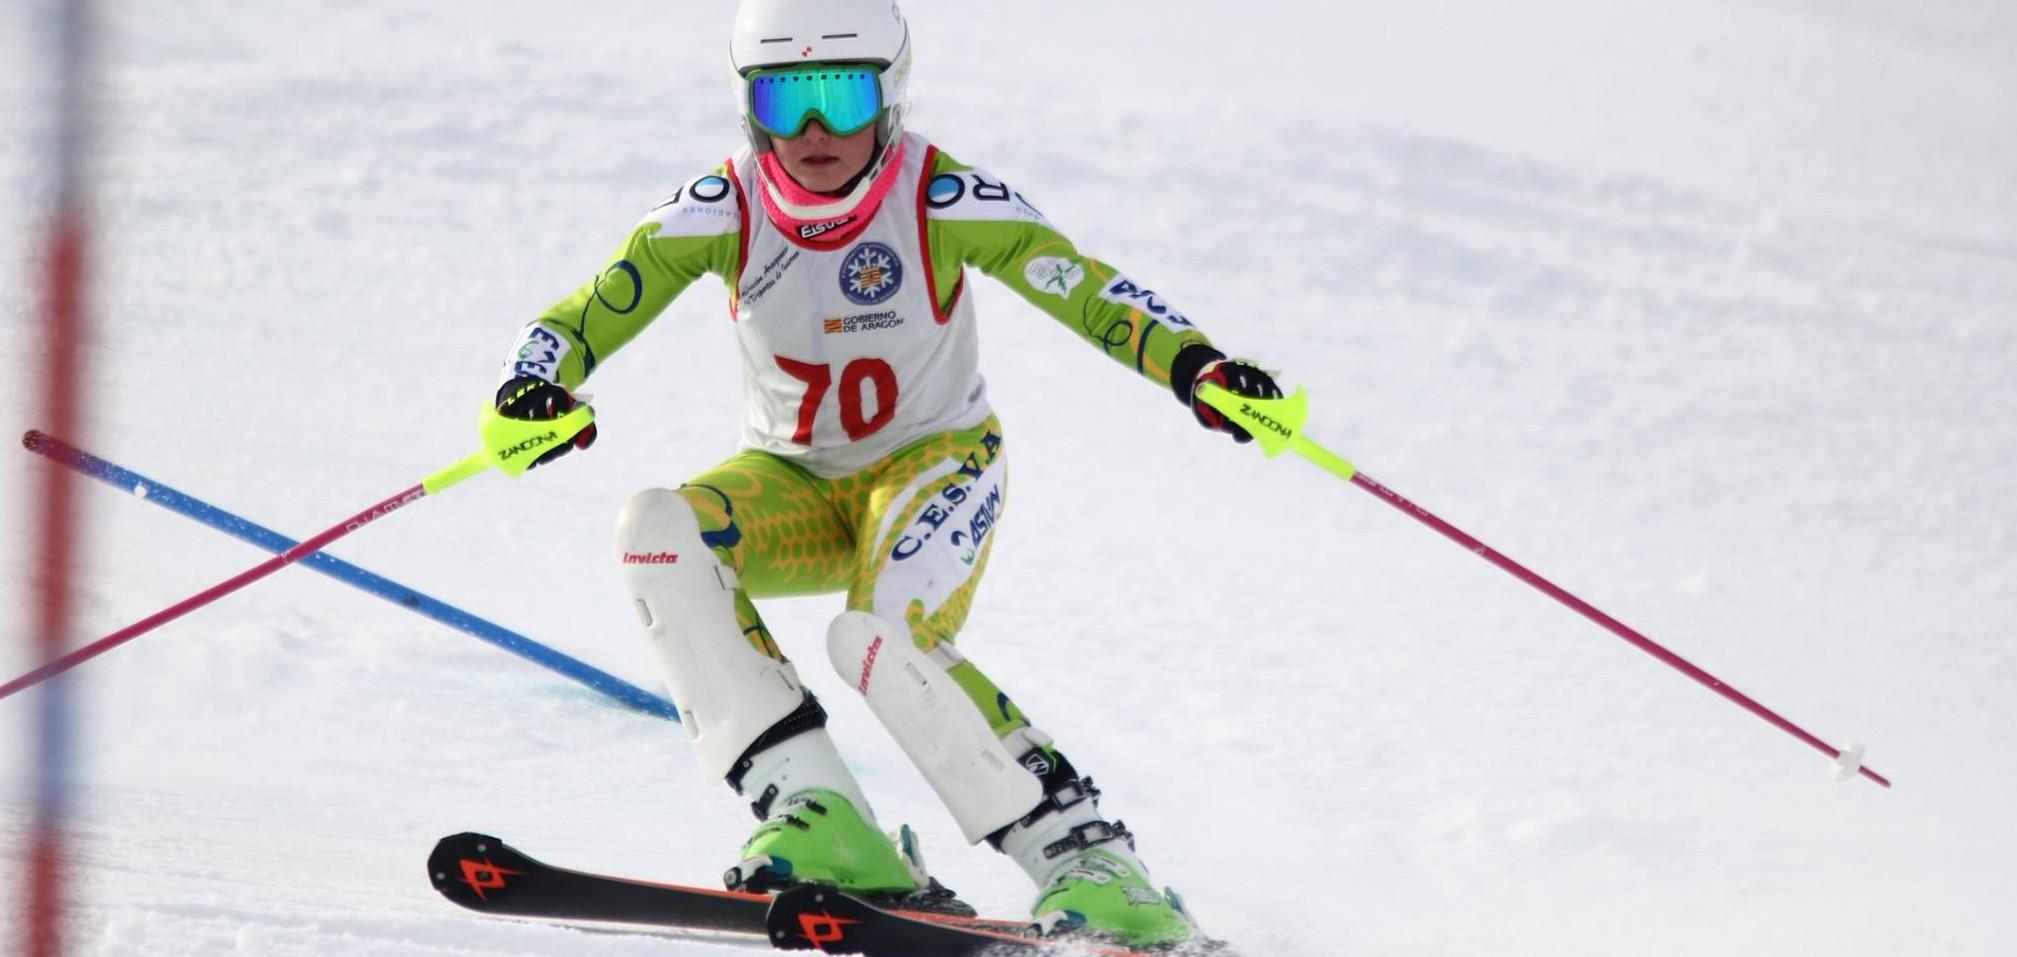 Club de Ski Cesva, patrocinado por instalaciones Boro